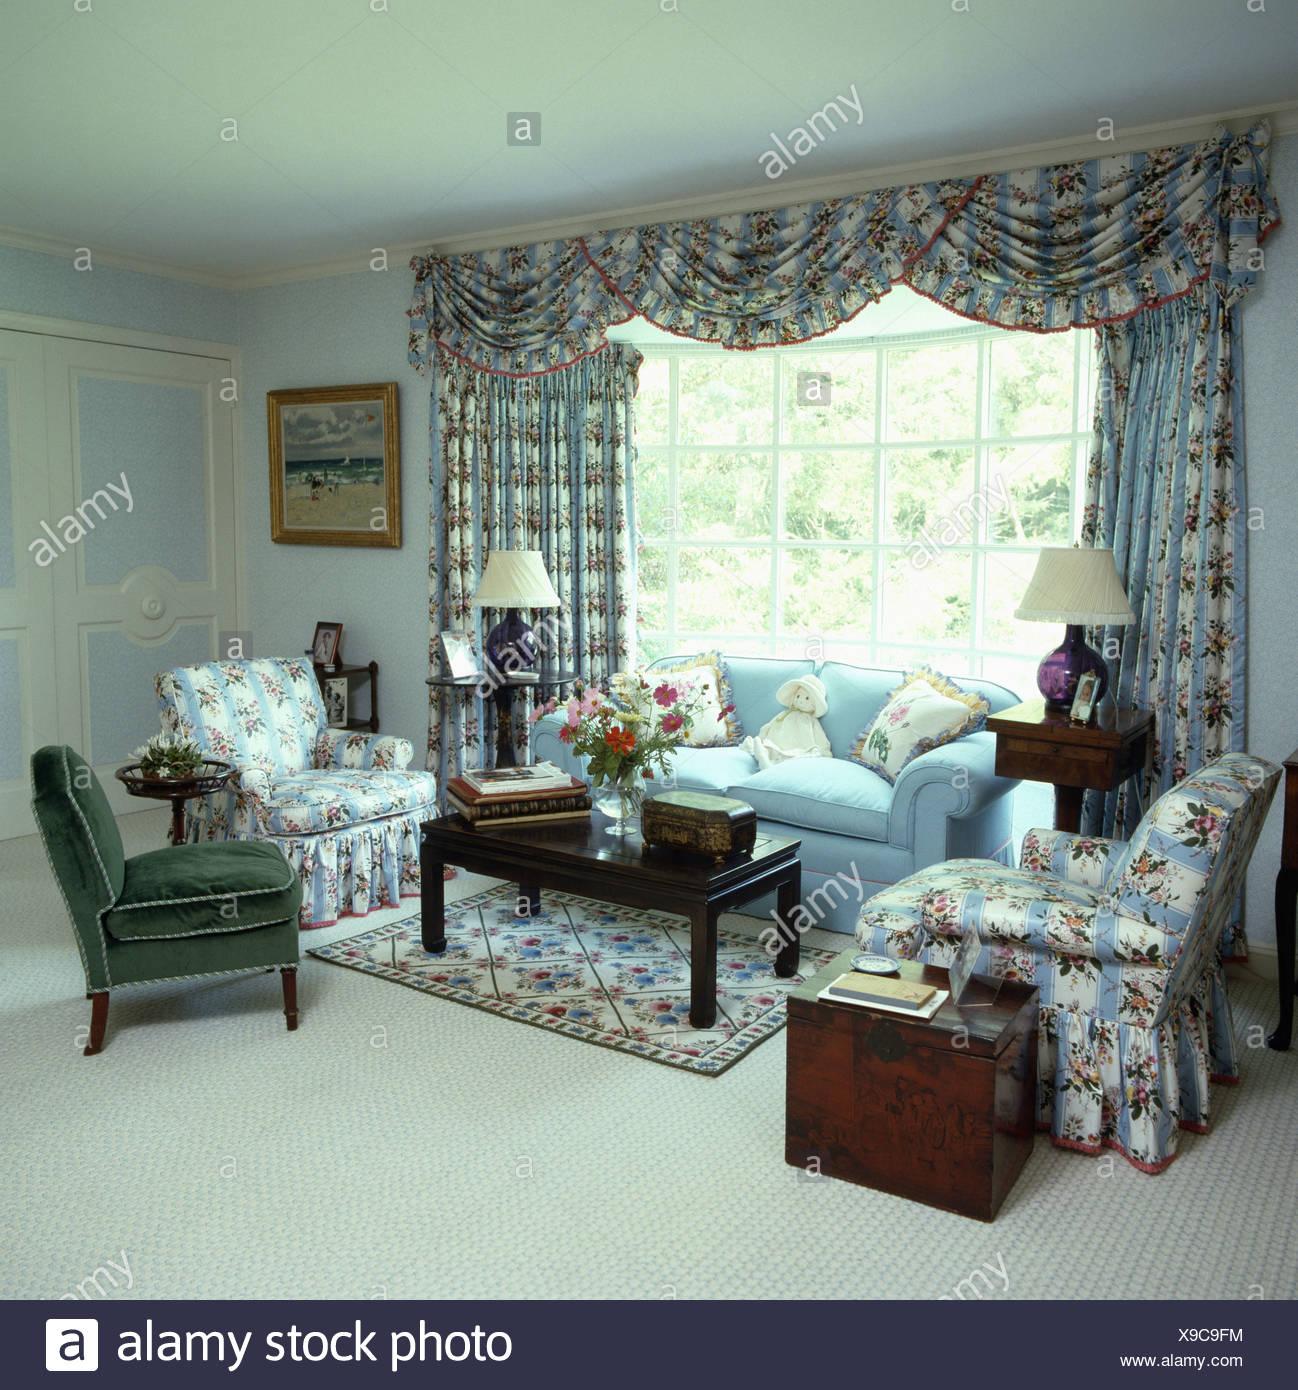 Blau, Rosa Und Weiß Floral Gemusterten Vorhängen Und Sesseln In Blassen  Blauen Wohnzimmer Mit Weißen Teppich Und Antike Truhe